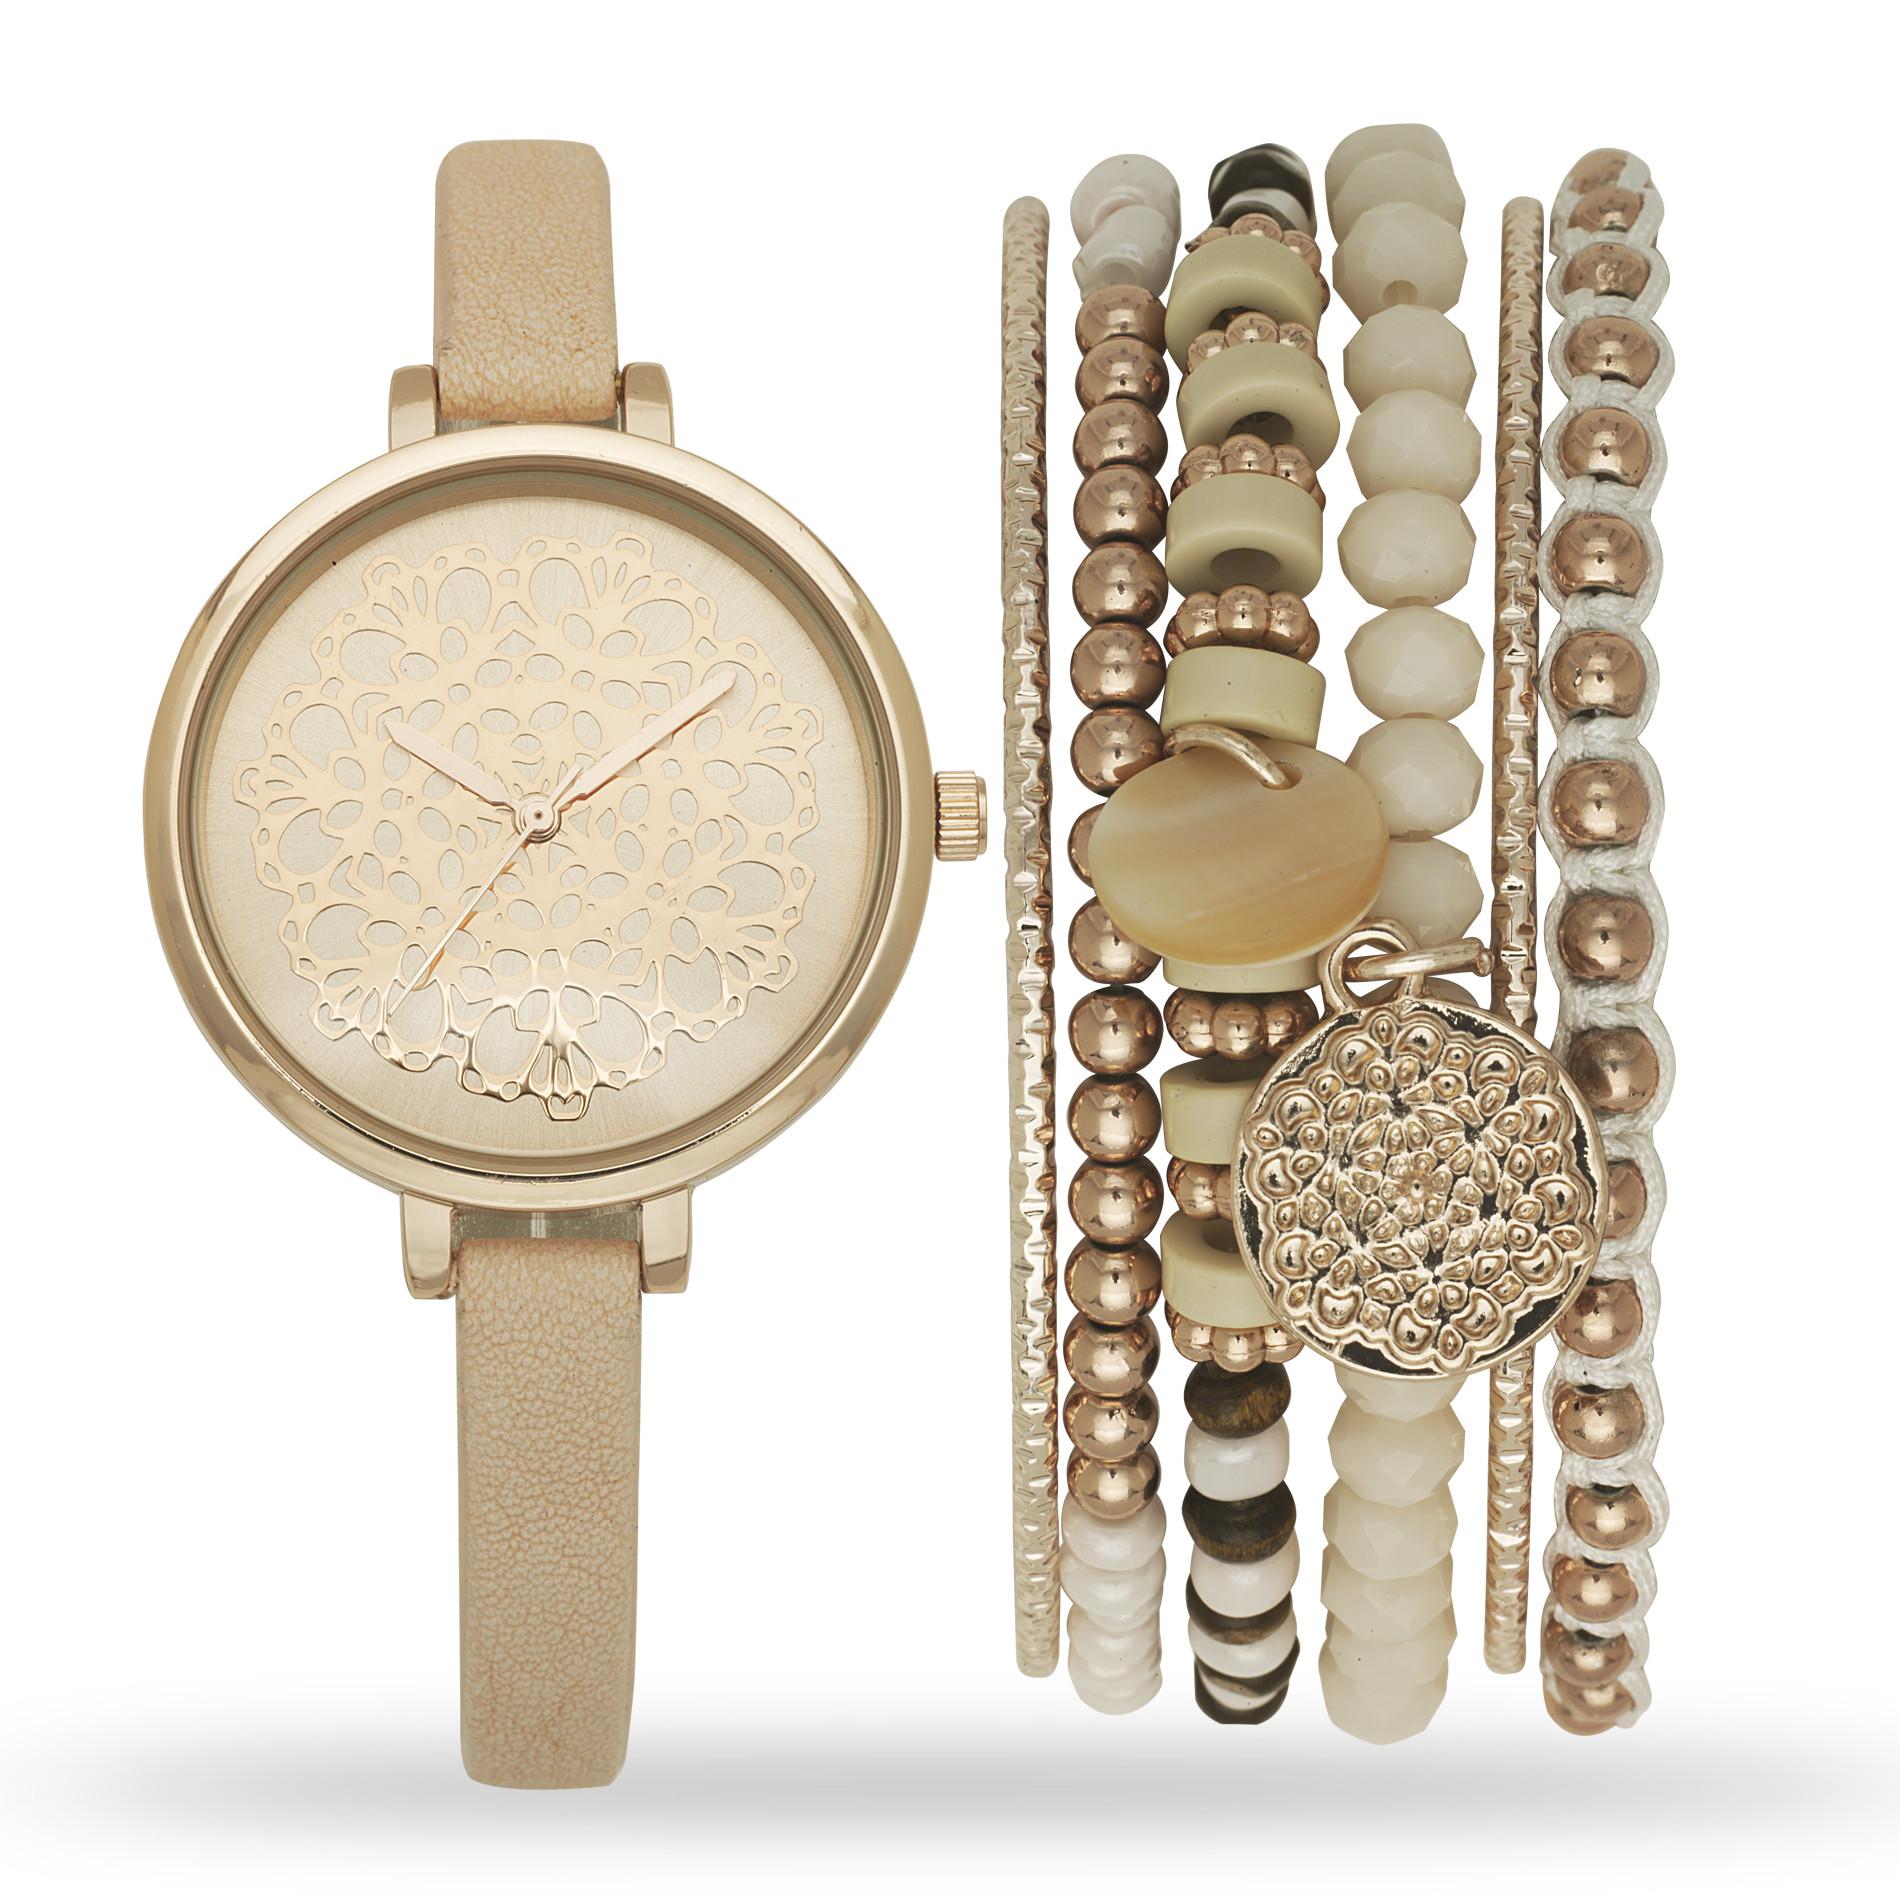 Bracelet And Watch Set  Attention La s Rosegold Watch and Bracelet Set Jewelry